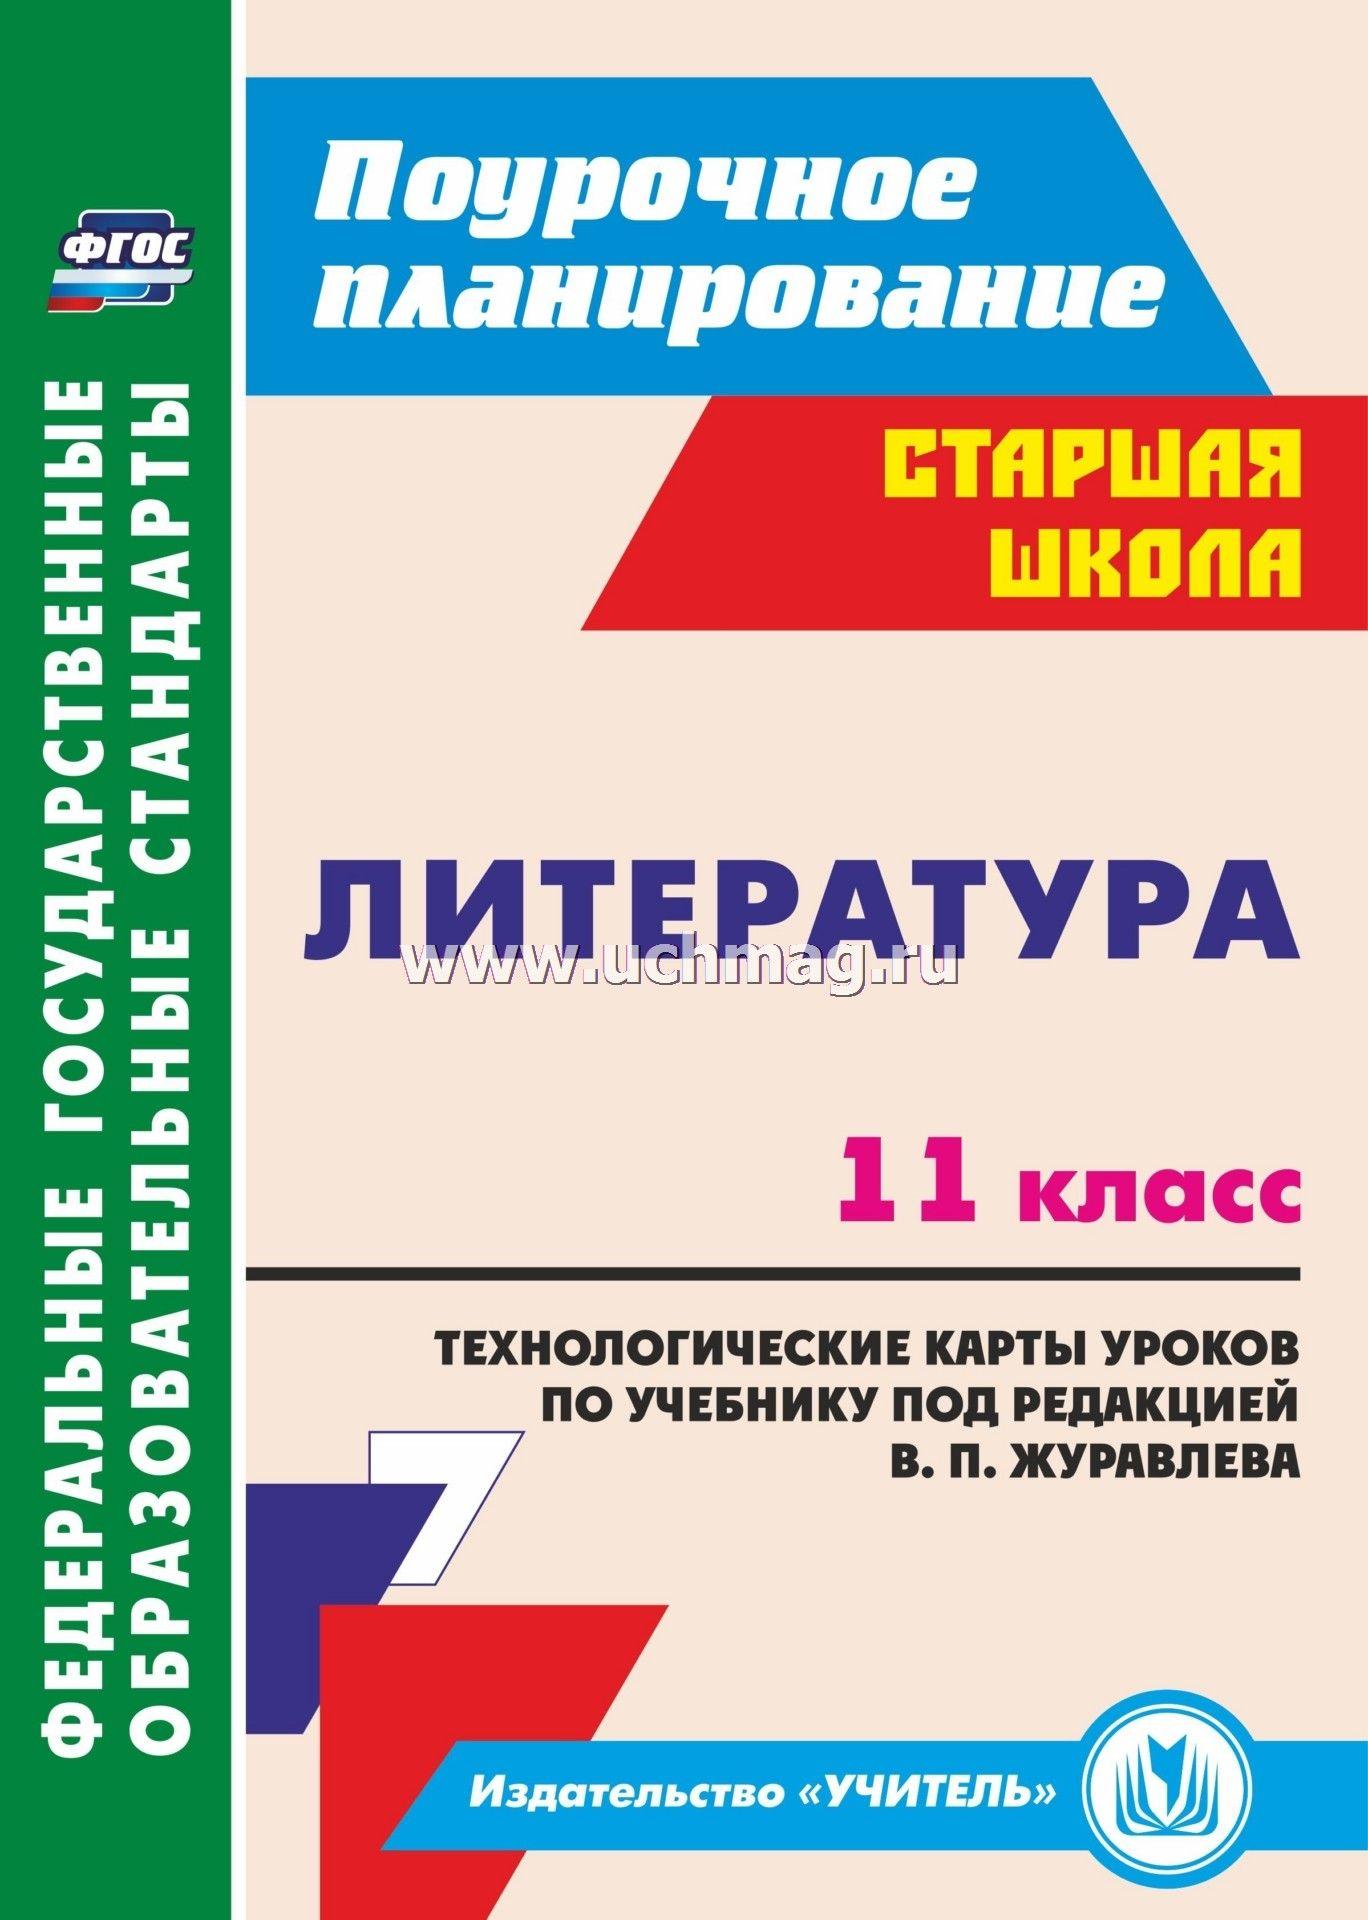 Настоящее методическое пособие содержит календарно-тематический план и